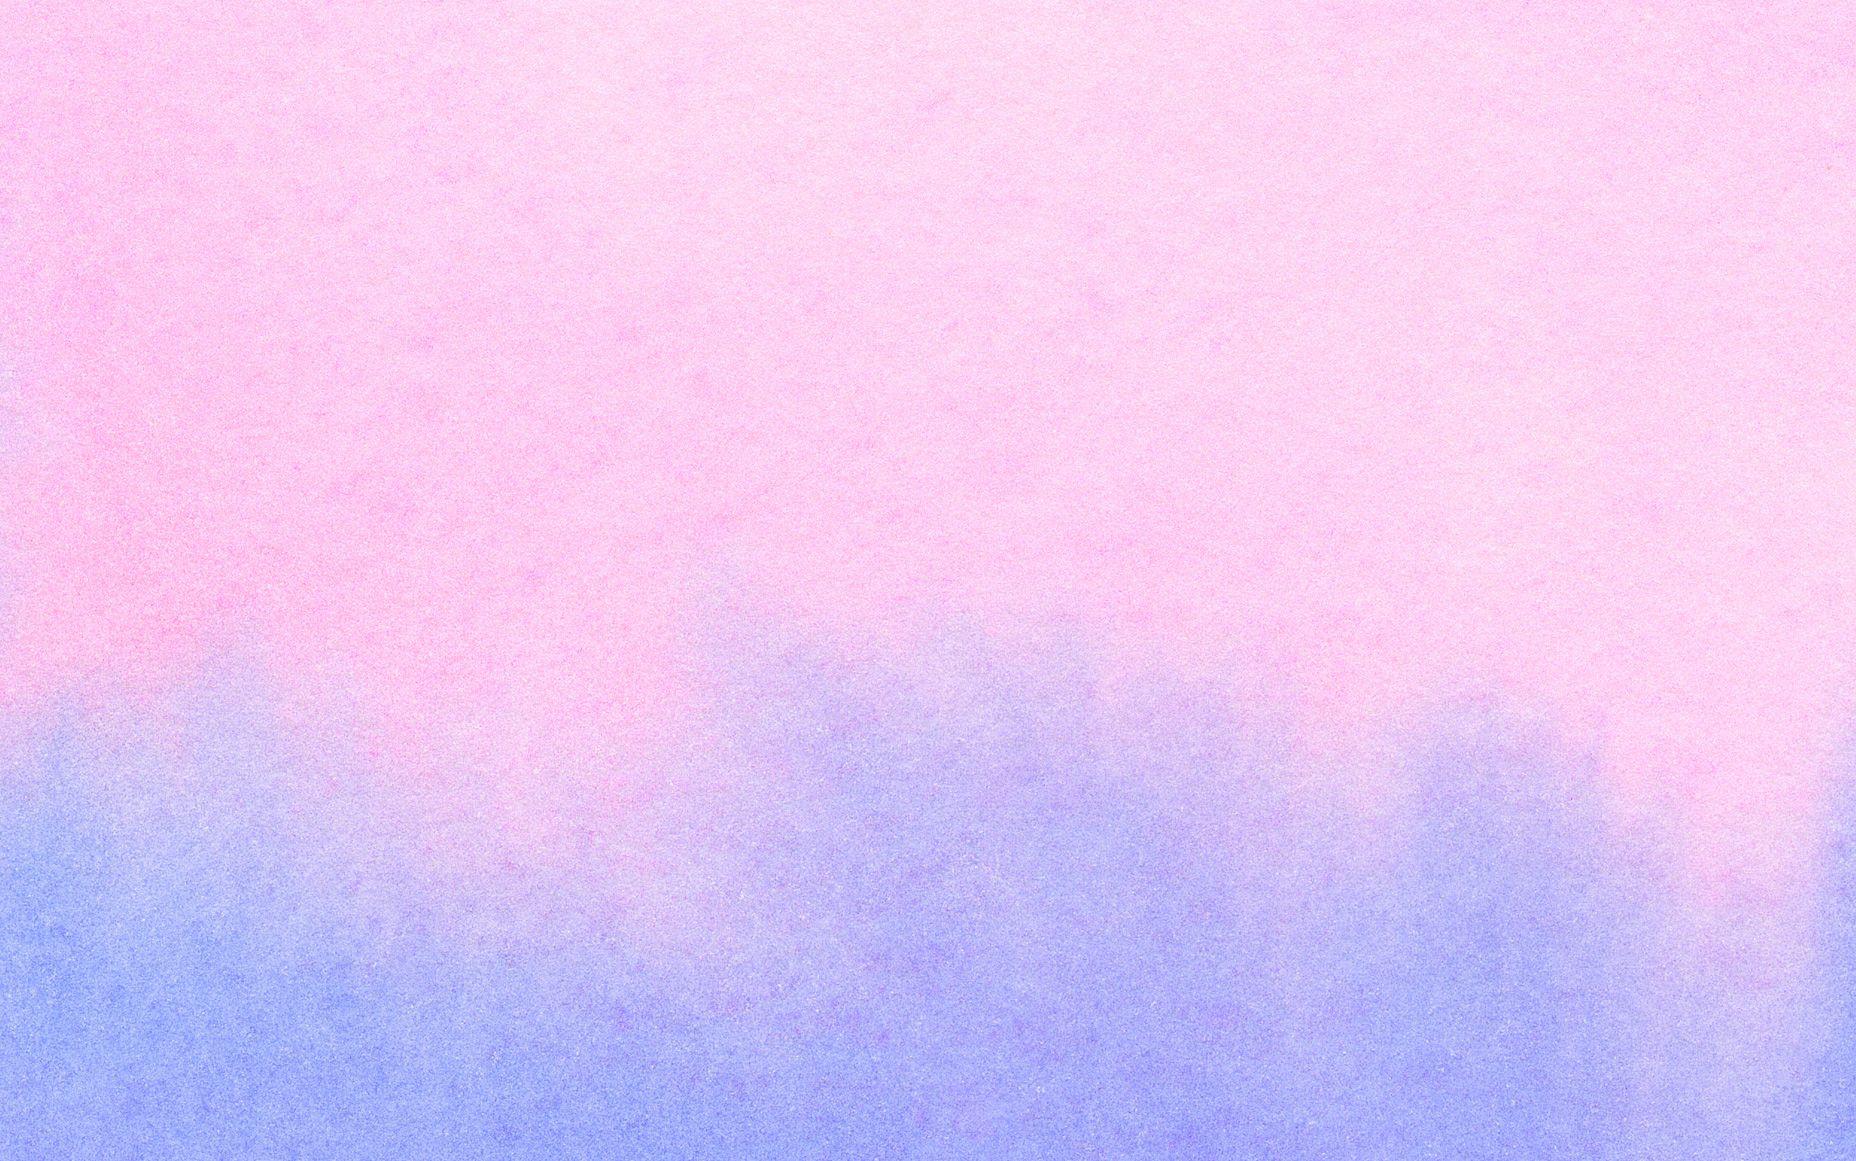 Pink Lilac Lavender Watercolour Texture Ombre Desktop Wallpaper Background